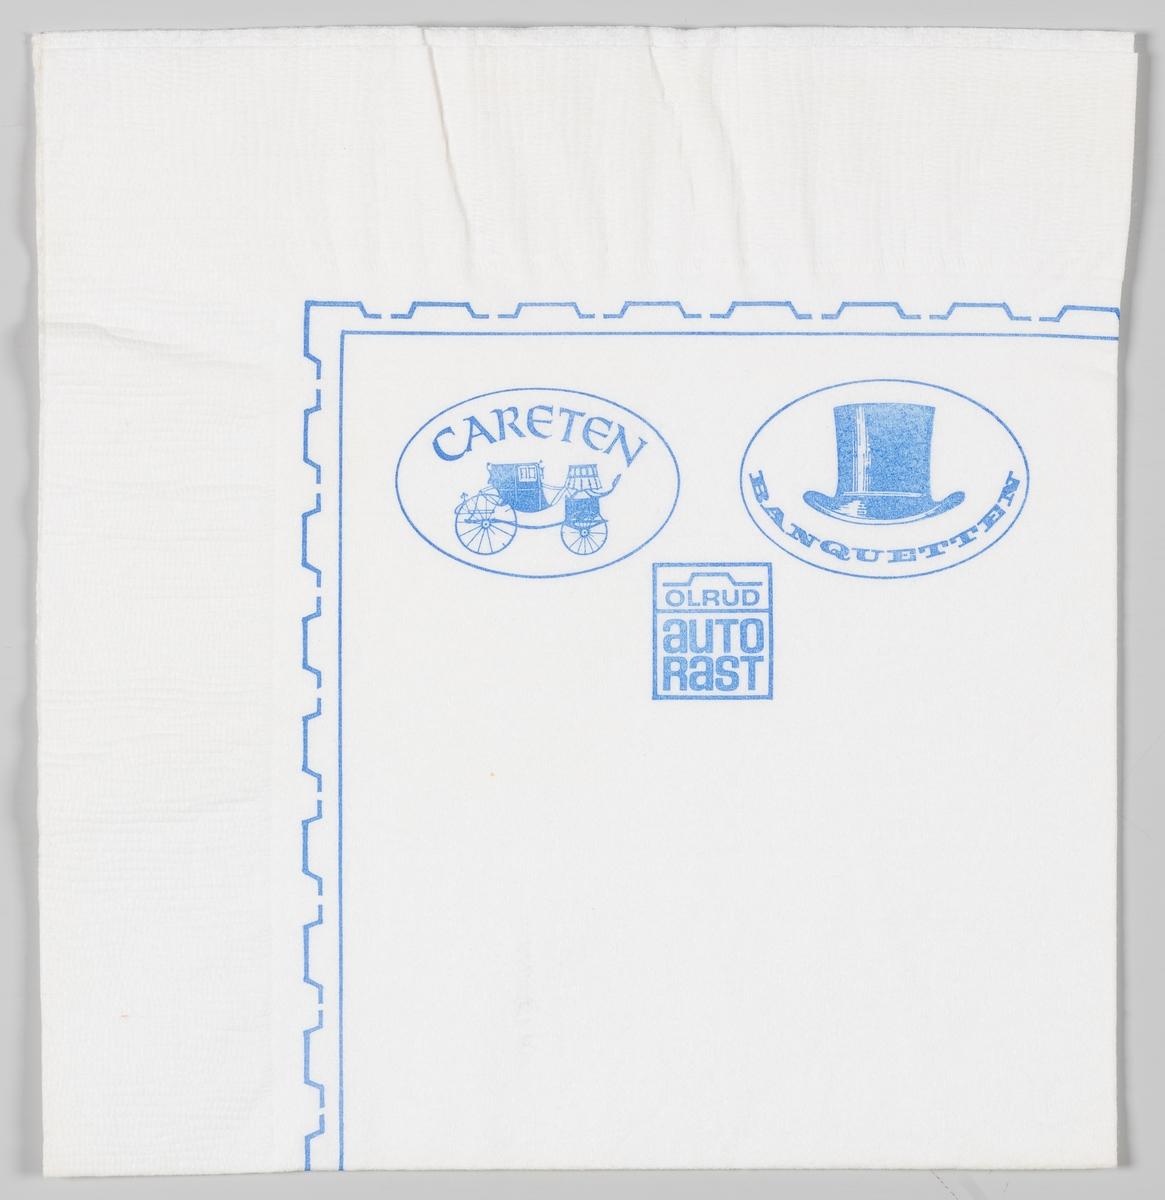 En firkantet ramme med omrisset av en bil og en reklametekst for Olrud Autorast, en rund ramme med reklame for Careten og en rund ramme med reklame for Banquetten.  Olrud Auto Rast i Furnes ble påbegynt i 1966 og ferdig utbygd med motorhotell i 1968.  Reklame for samme firma på MIA.00007-004-0288.